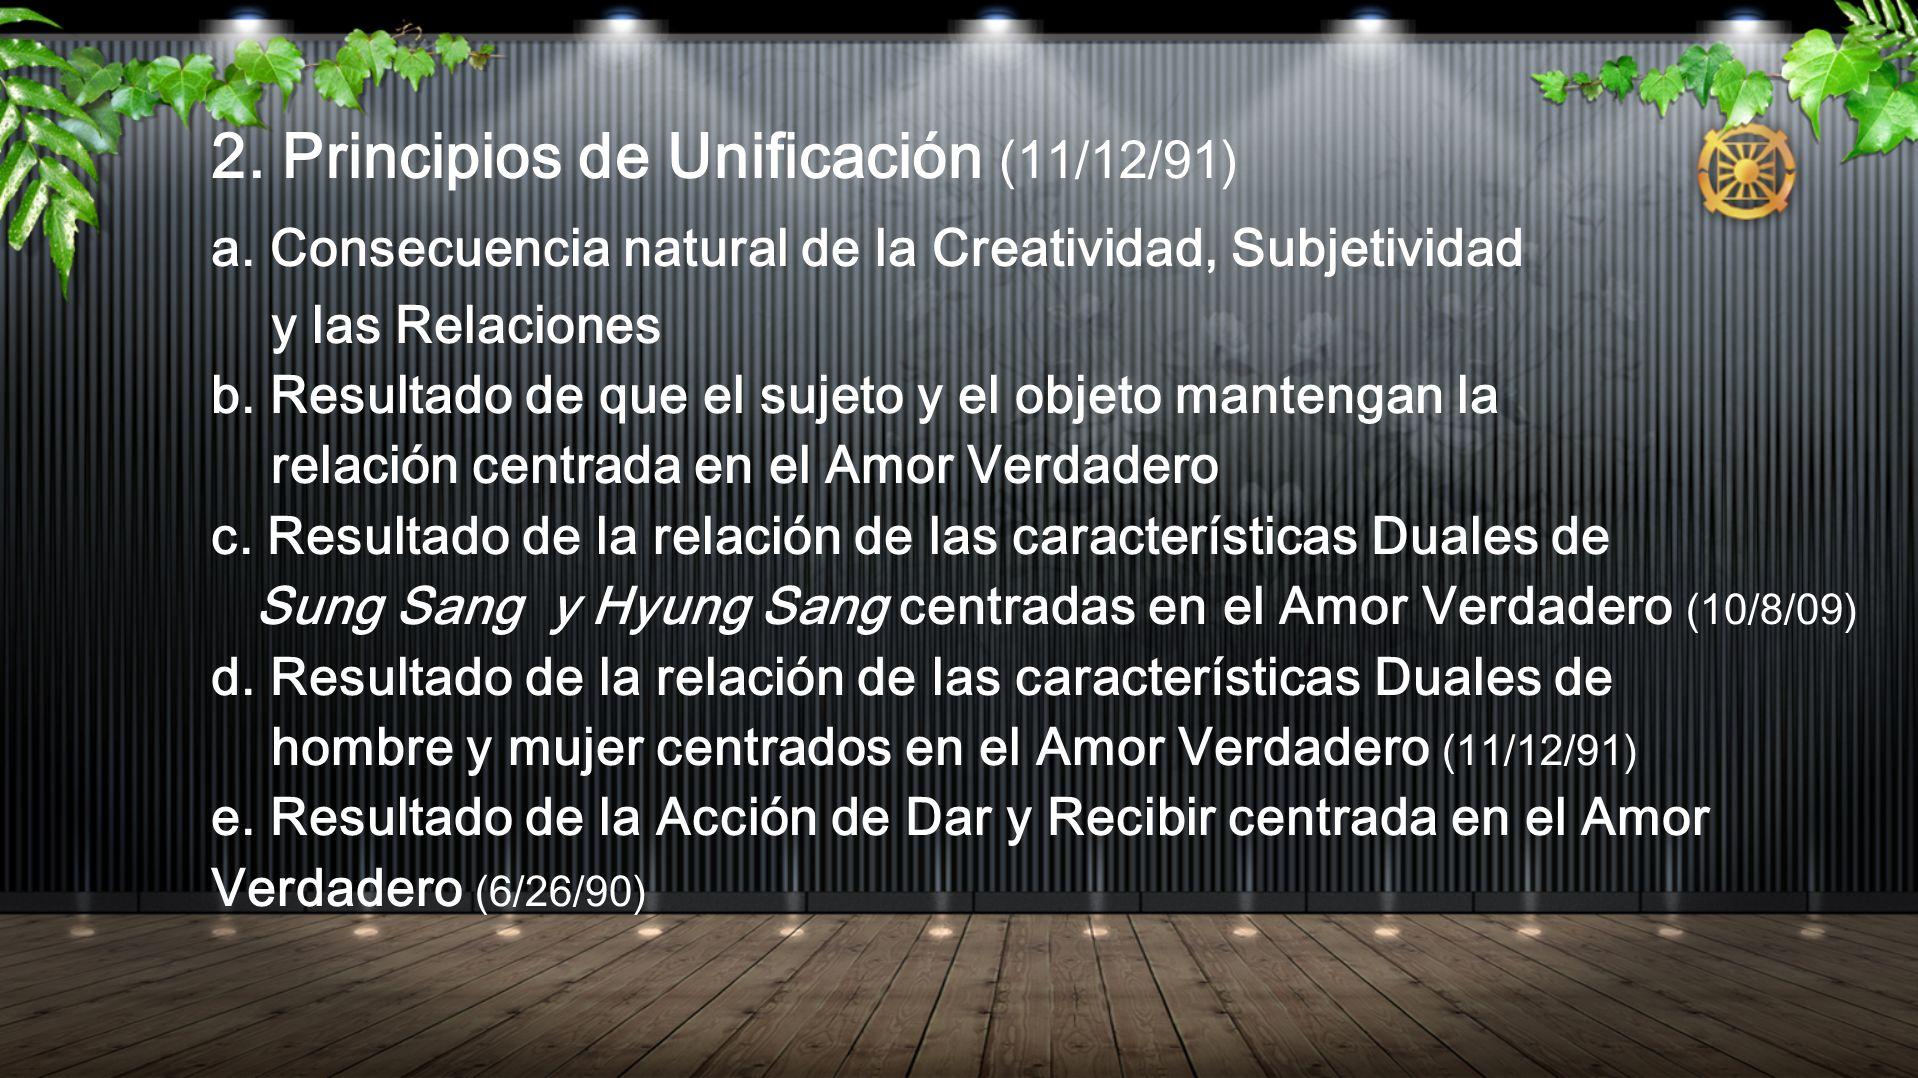 2. Principios de Unificación (11/12/91)